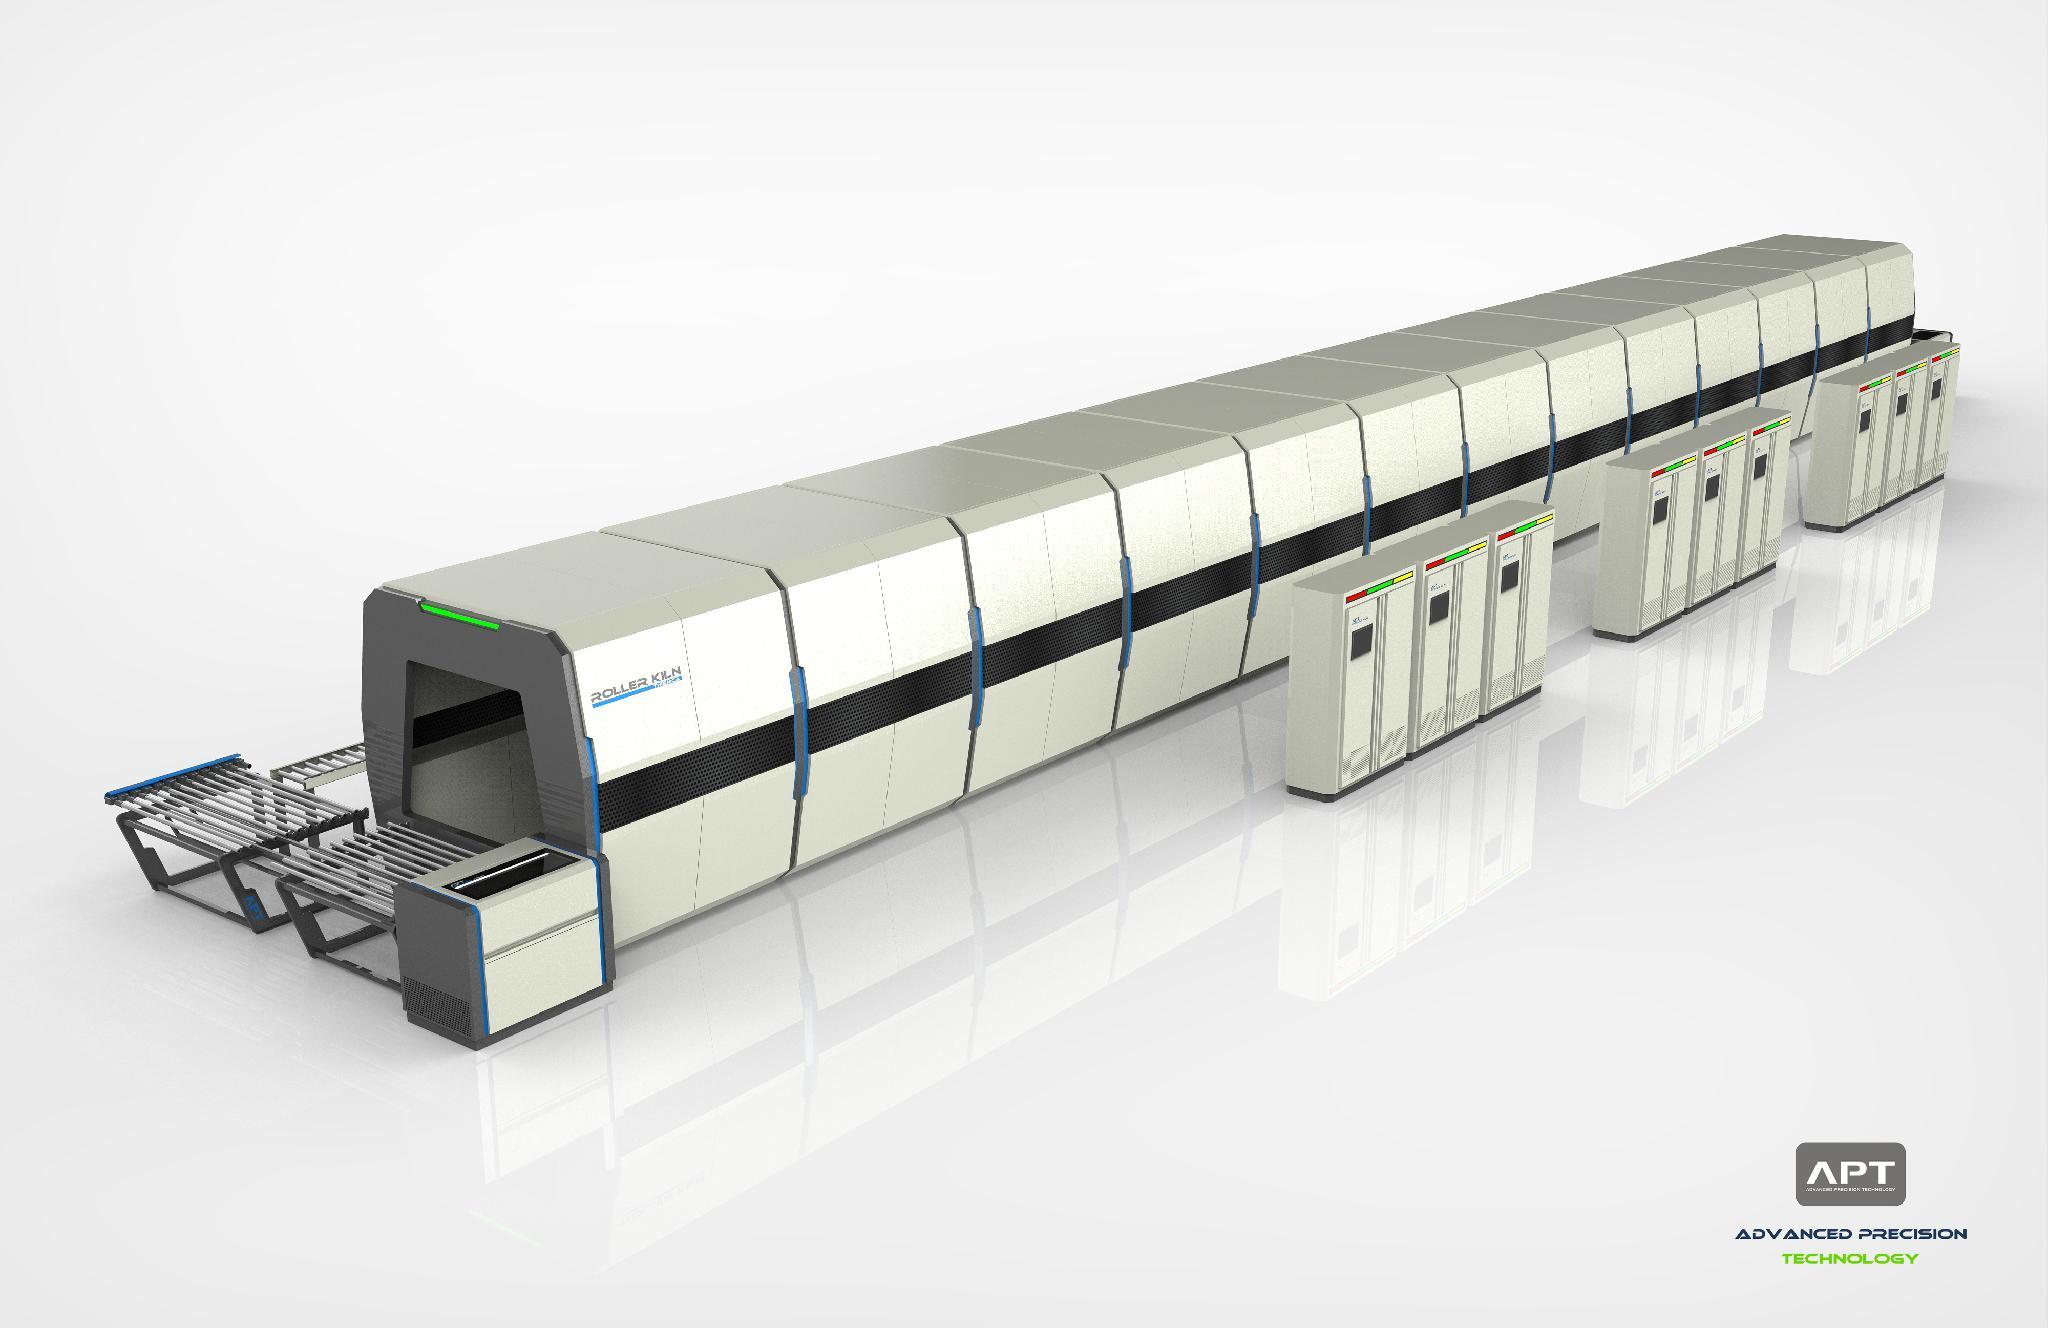 是专为锂电池产线设计的真空烘箱图片